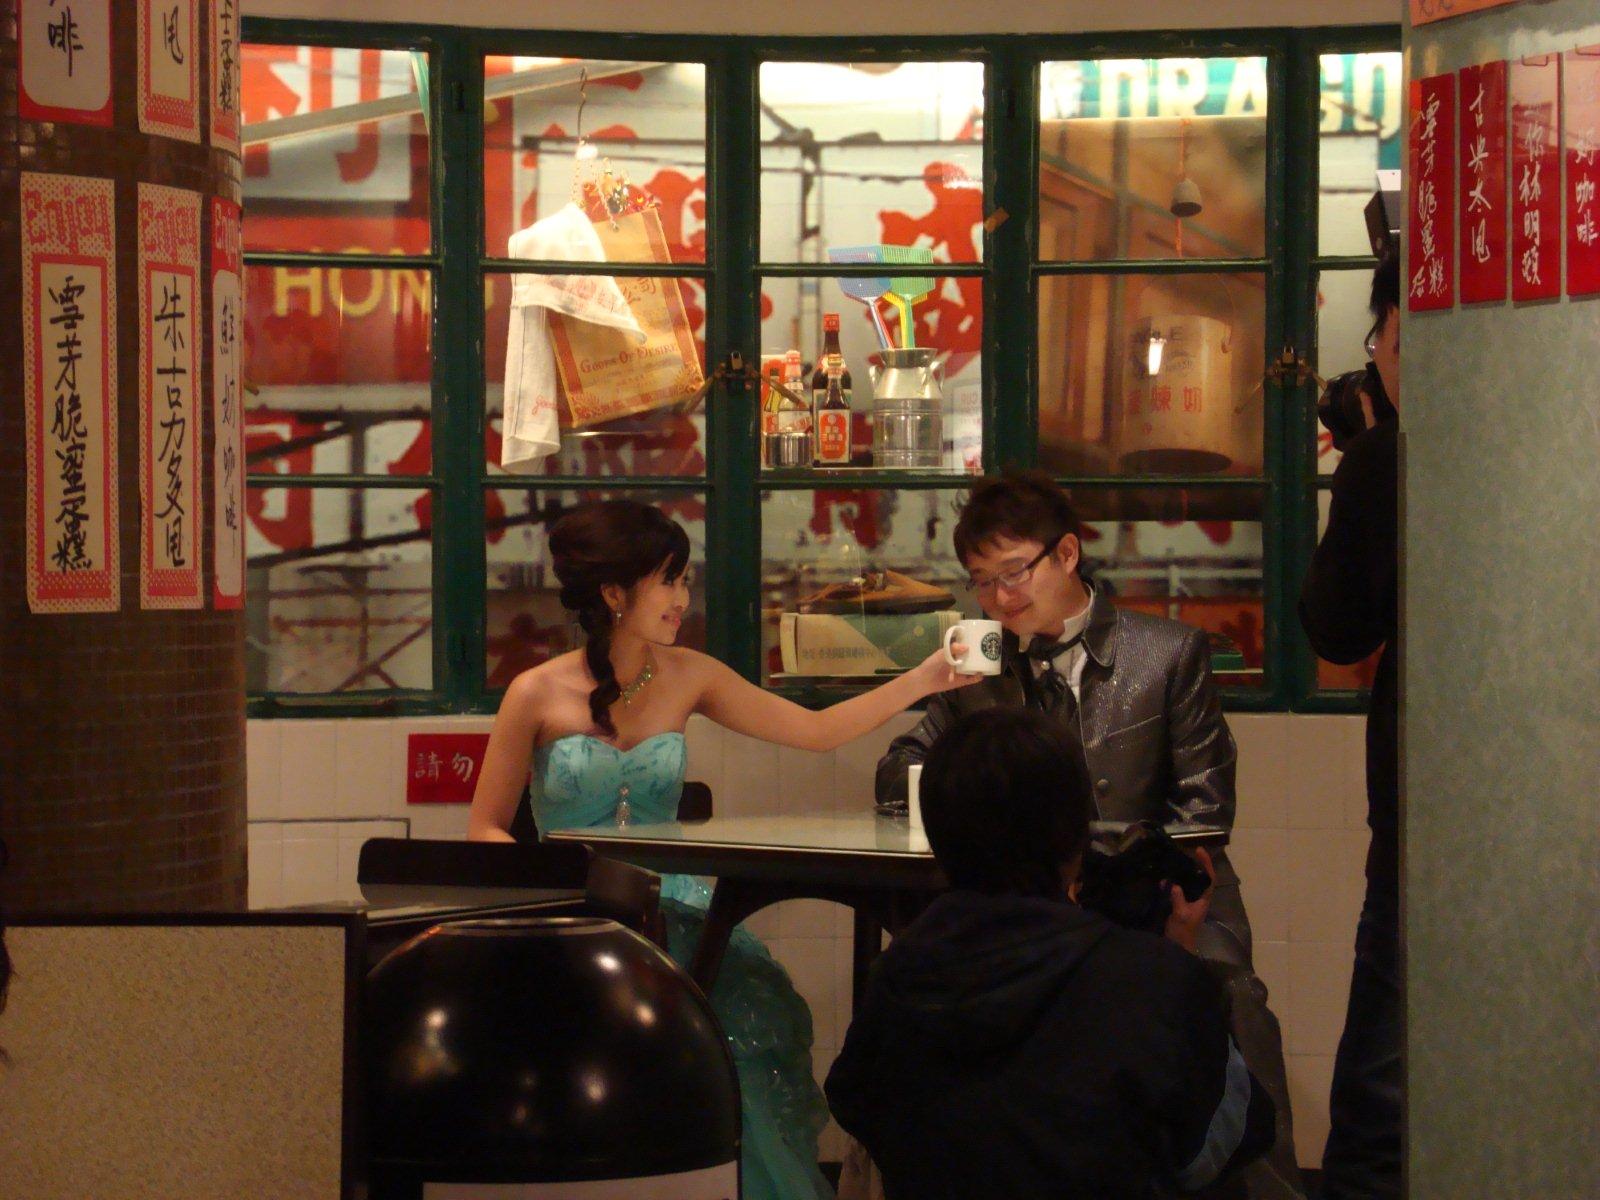 第一組新人在星巴克冰室角落拍婚紗